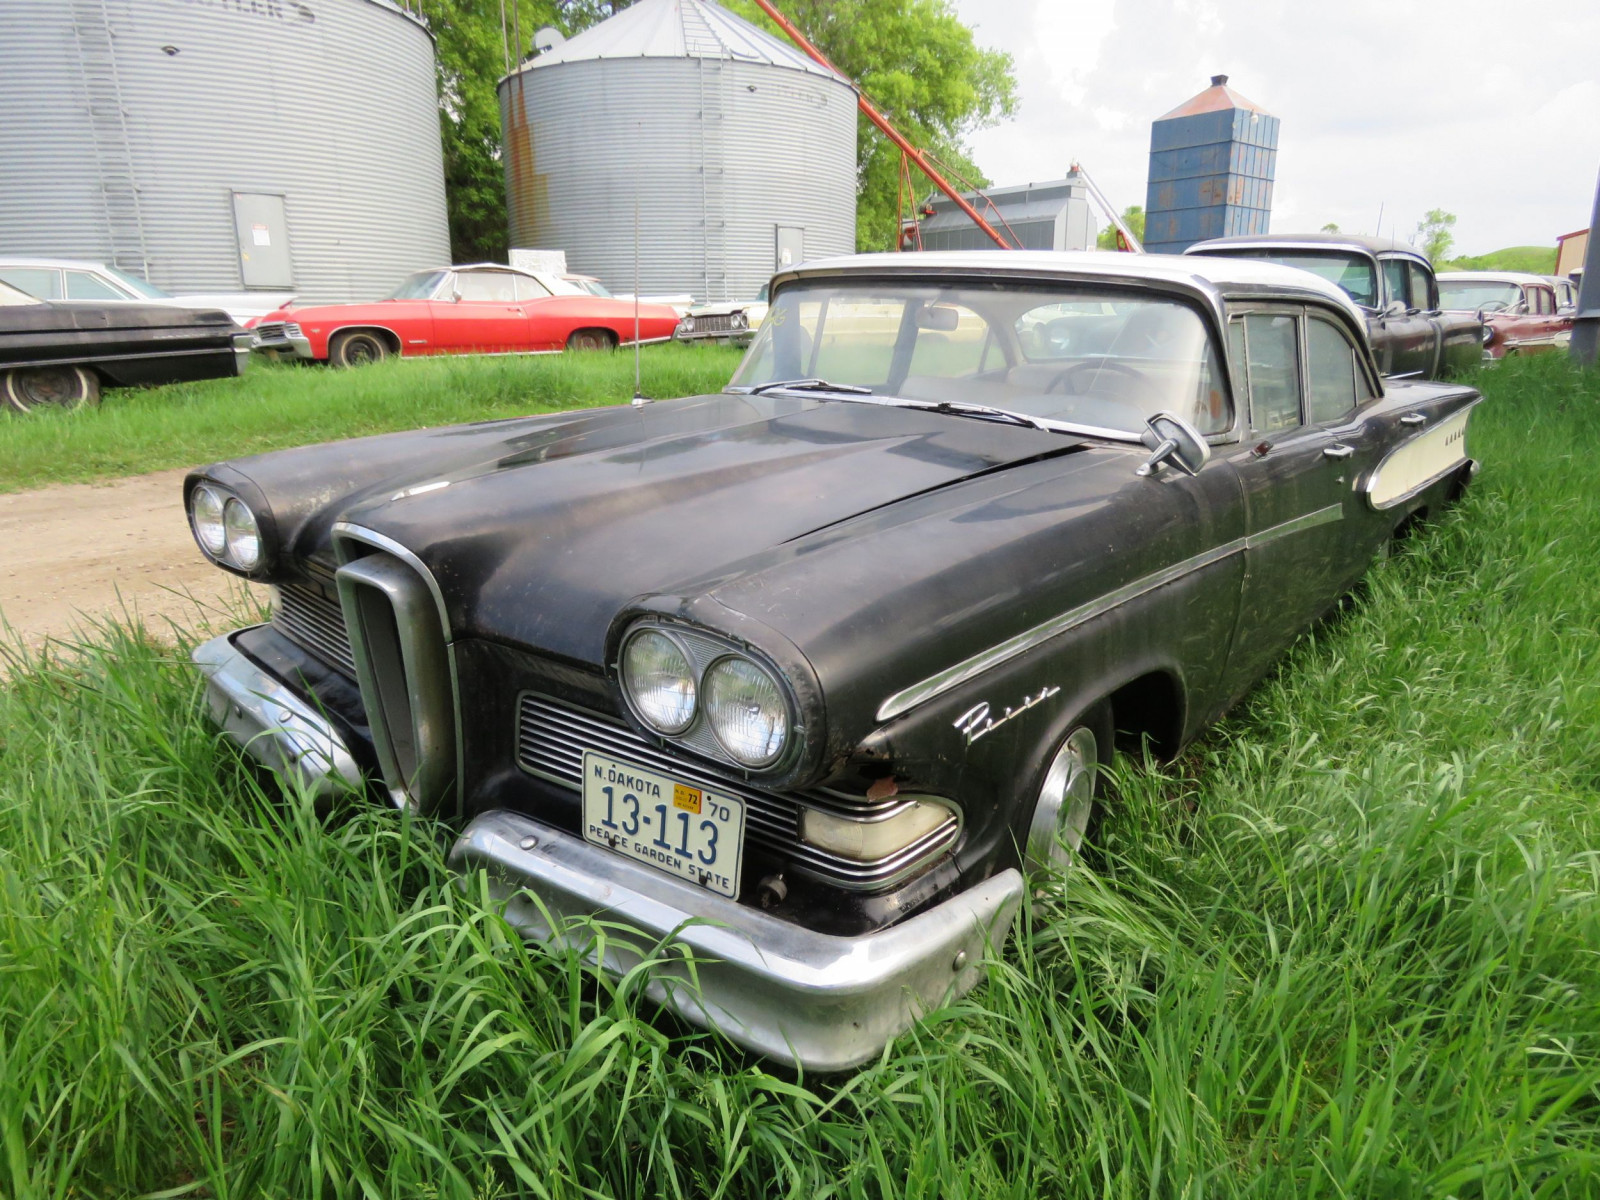 Ford Transmission Settlement >> Lot 92G – 1958 Ford Edsel Pacer 4dr HT W8UF718503   VanderBrink Auctions